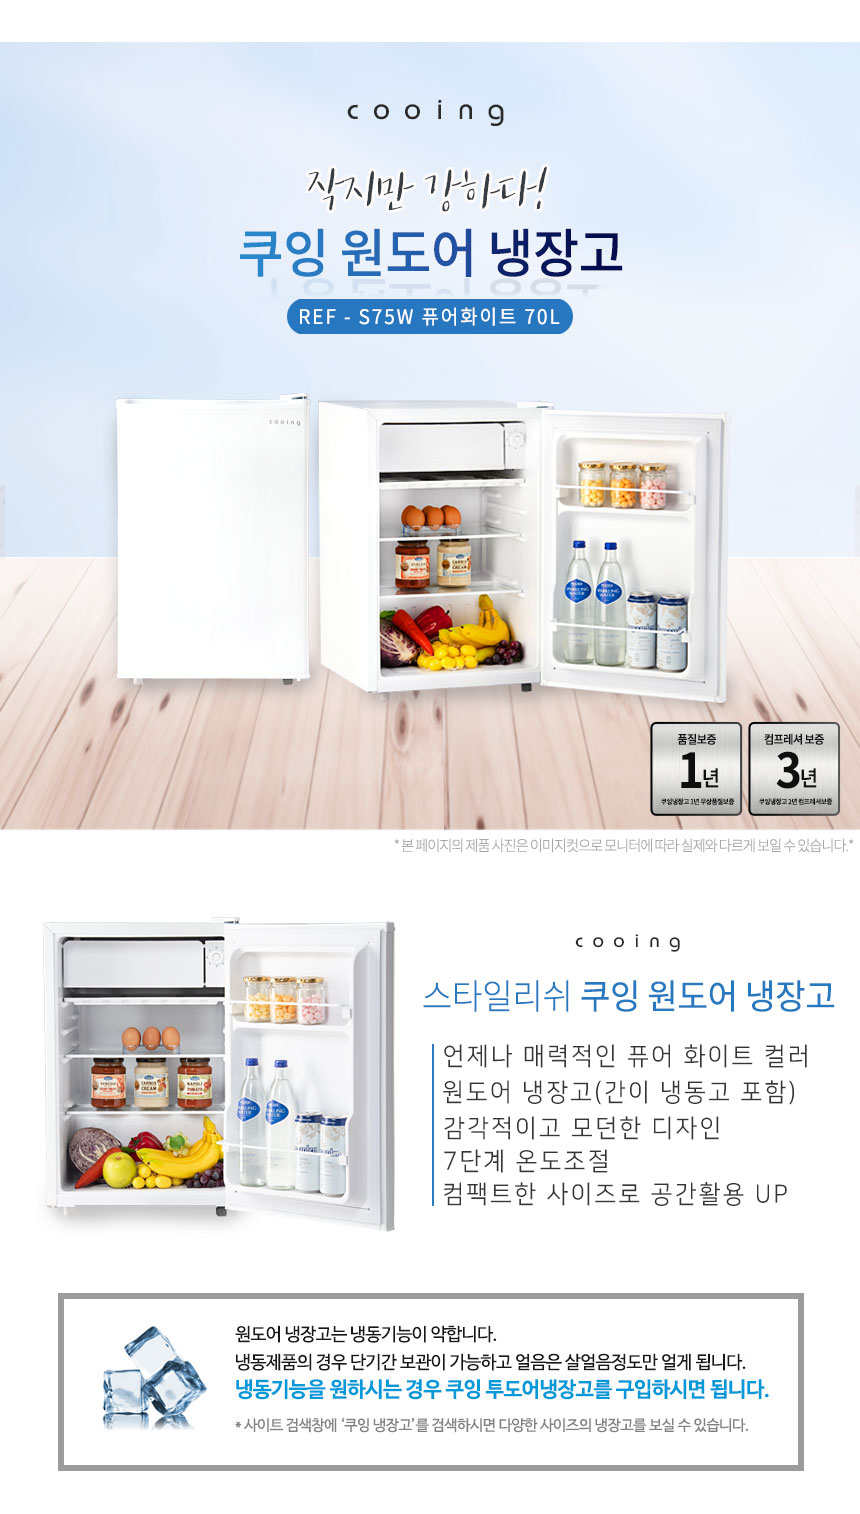 상세페이지 1, 쿠잉 원도어 냉장고, REF-S75W, 퓨어화이트, 70L